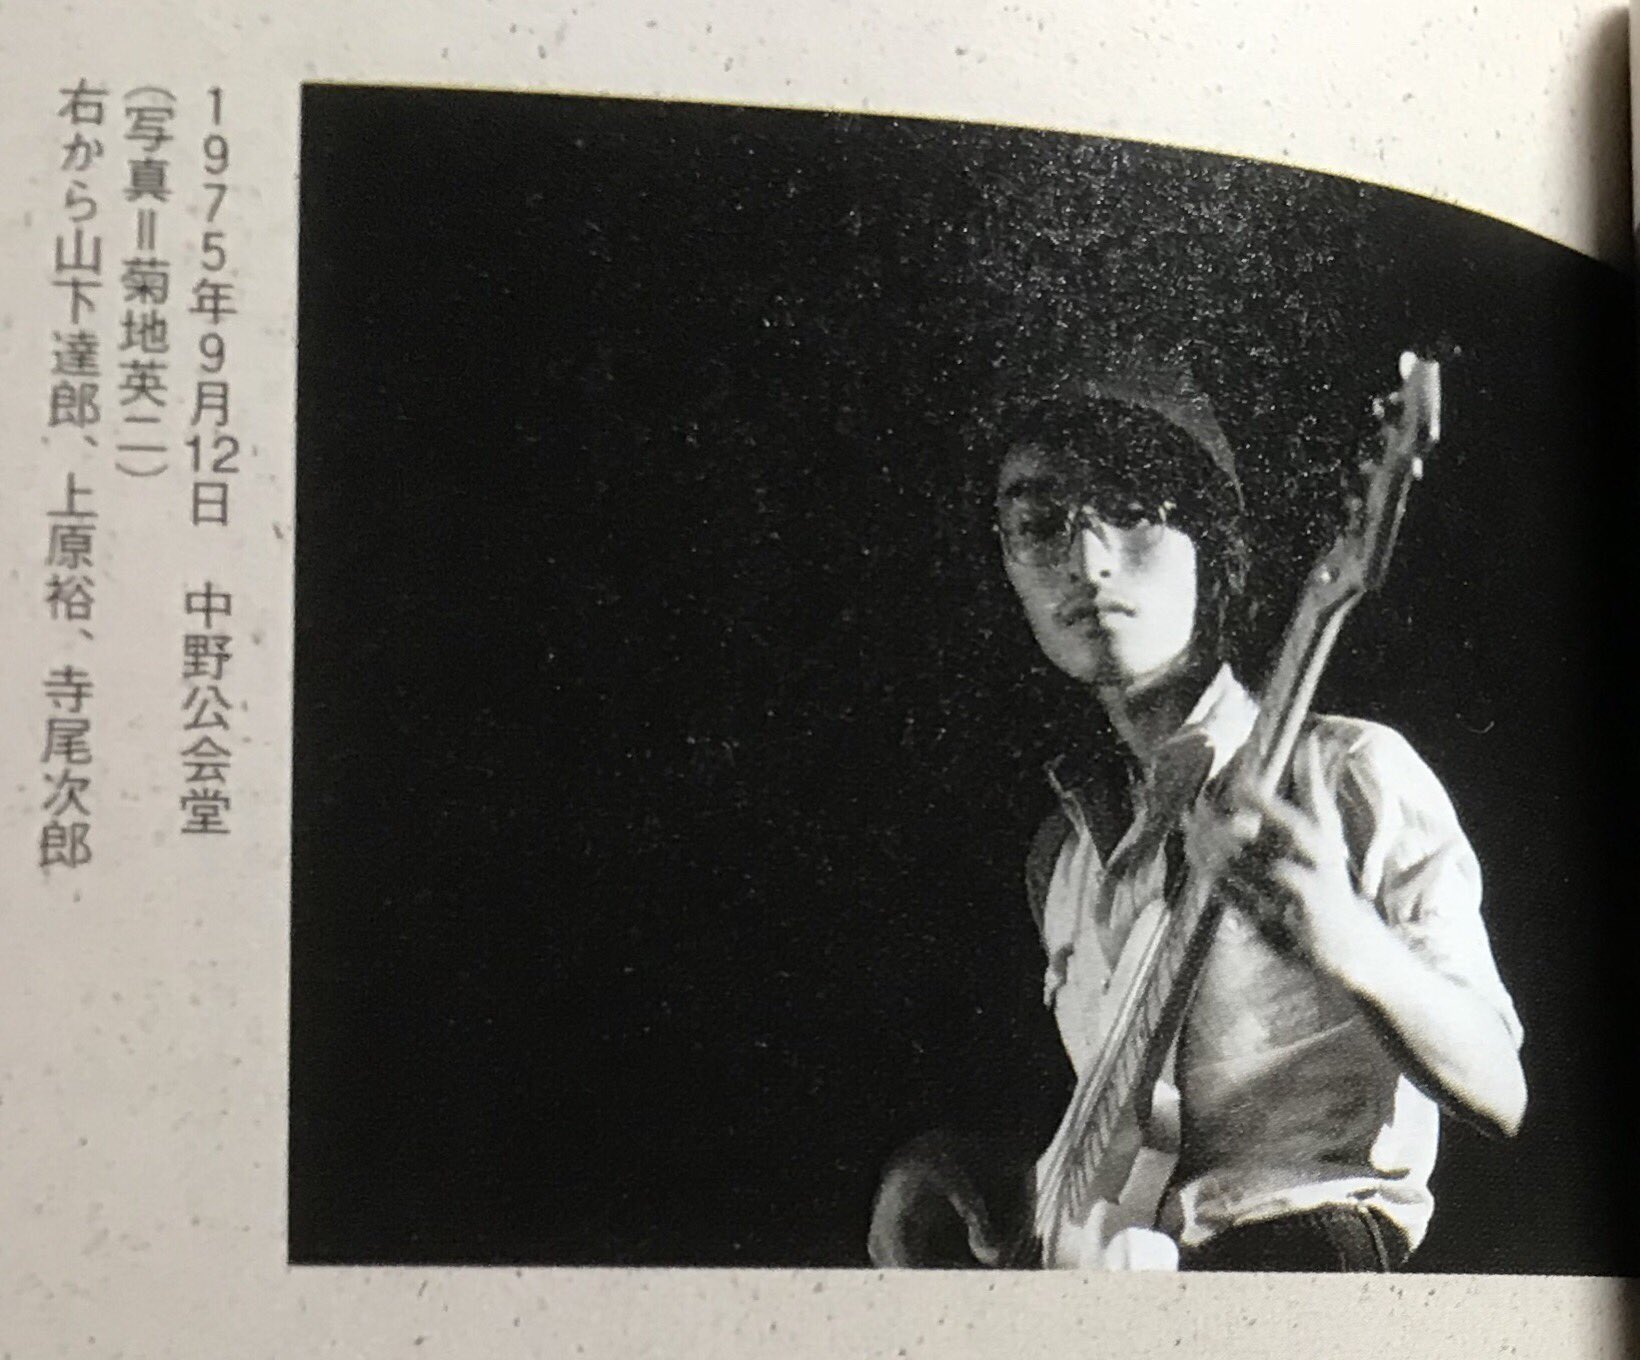 画像 : 寺尾次郎さん。ヌーヴェ...